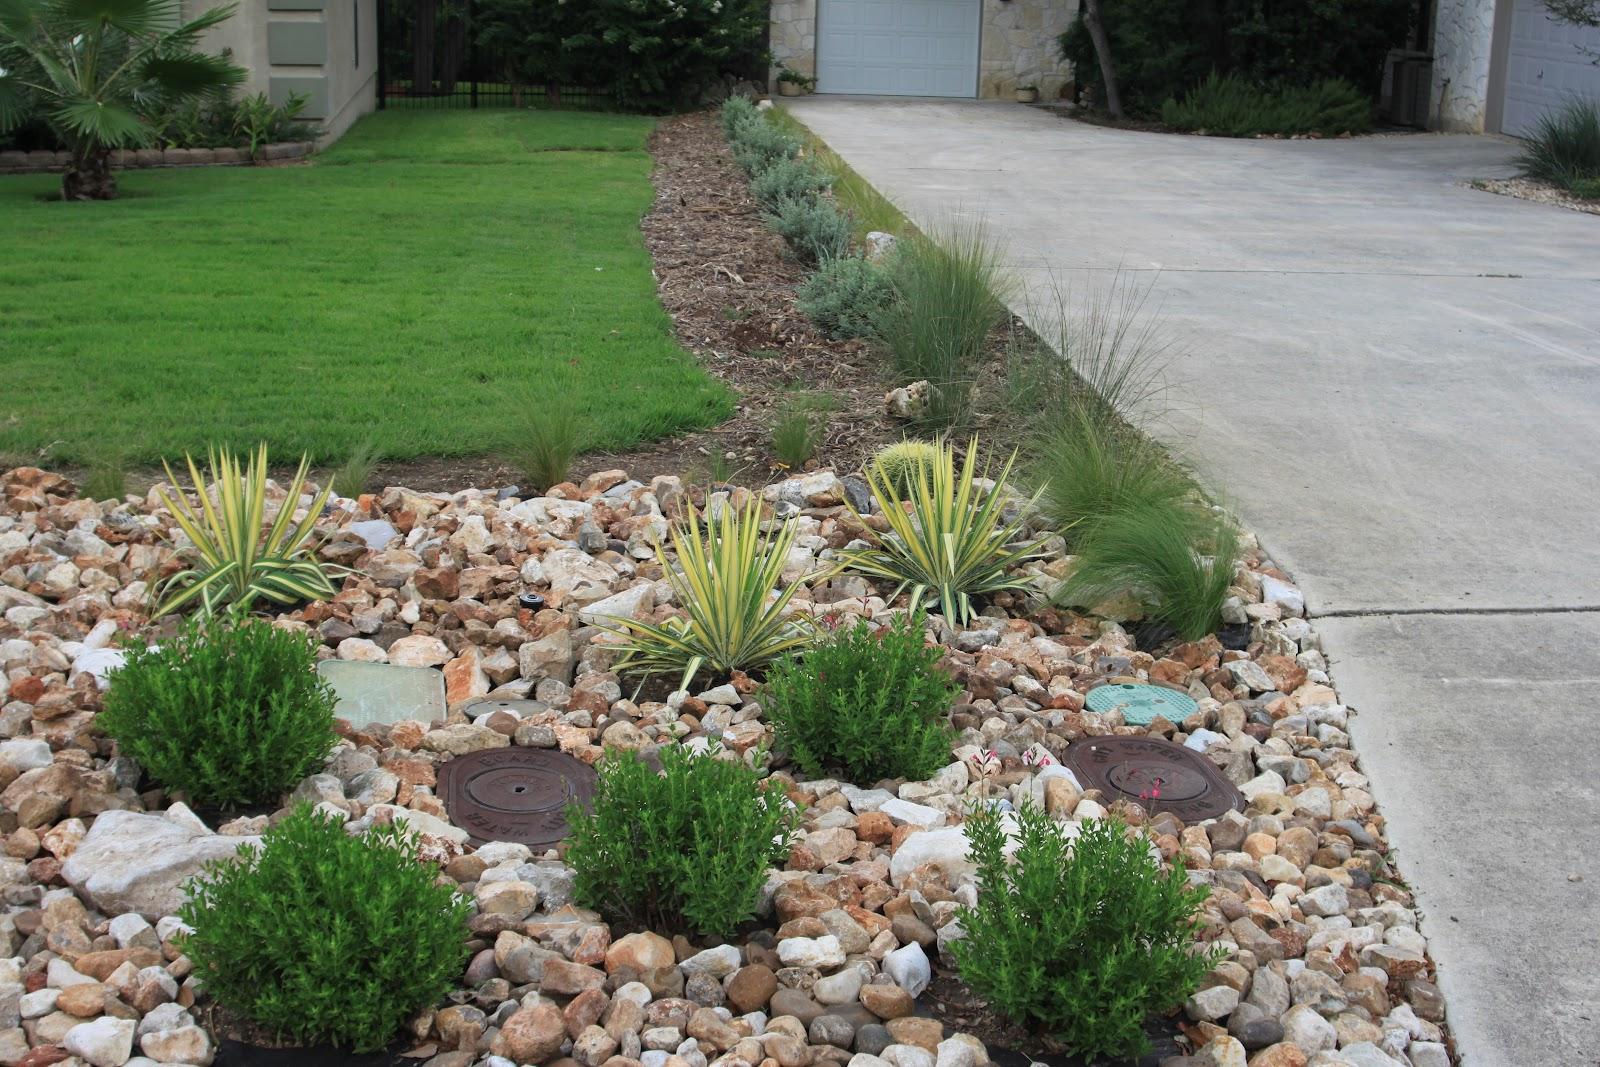 river rock garden ideas photo - 4